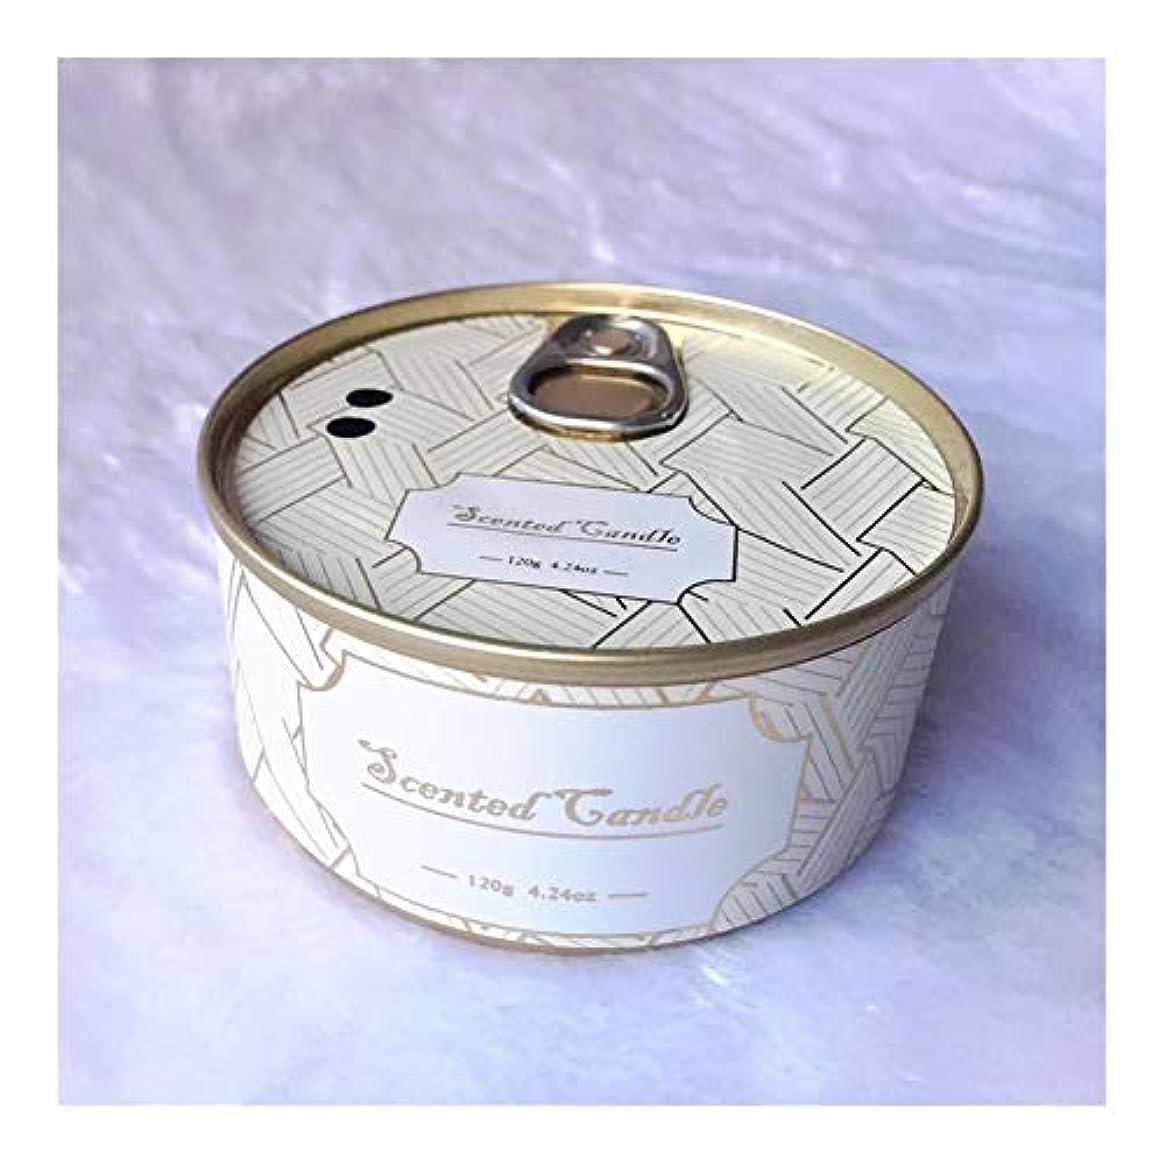 ロケーション誤解する首尾一貫したGuomao ブリキ缶植物エッセンシャルオイル大豆ワックスジュニパーラベンダーの香りのキャンドル (色 : Lavender)